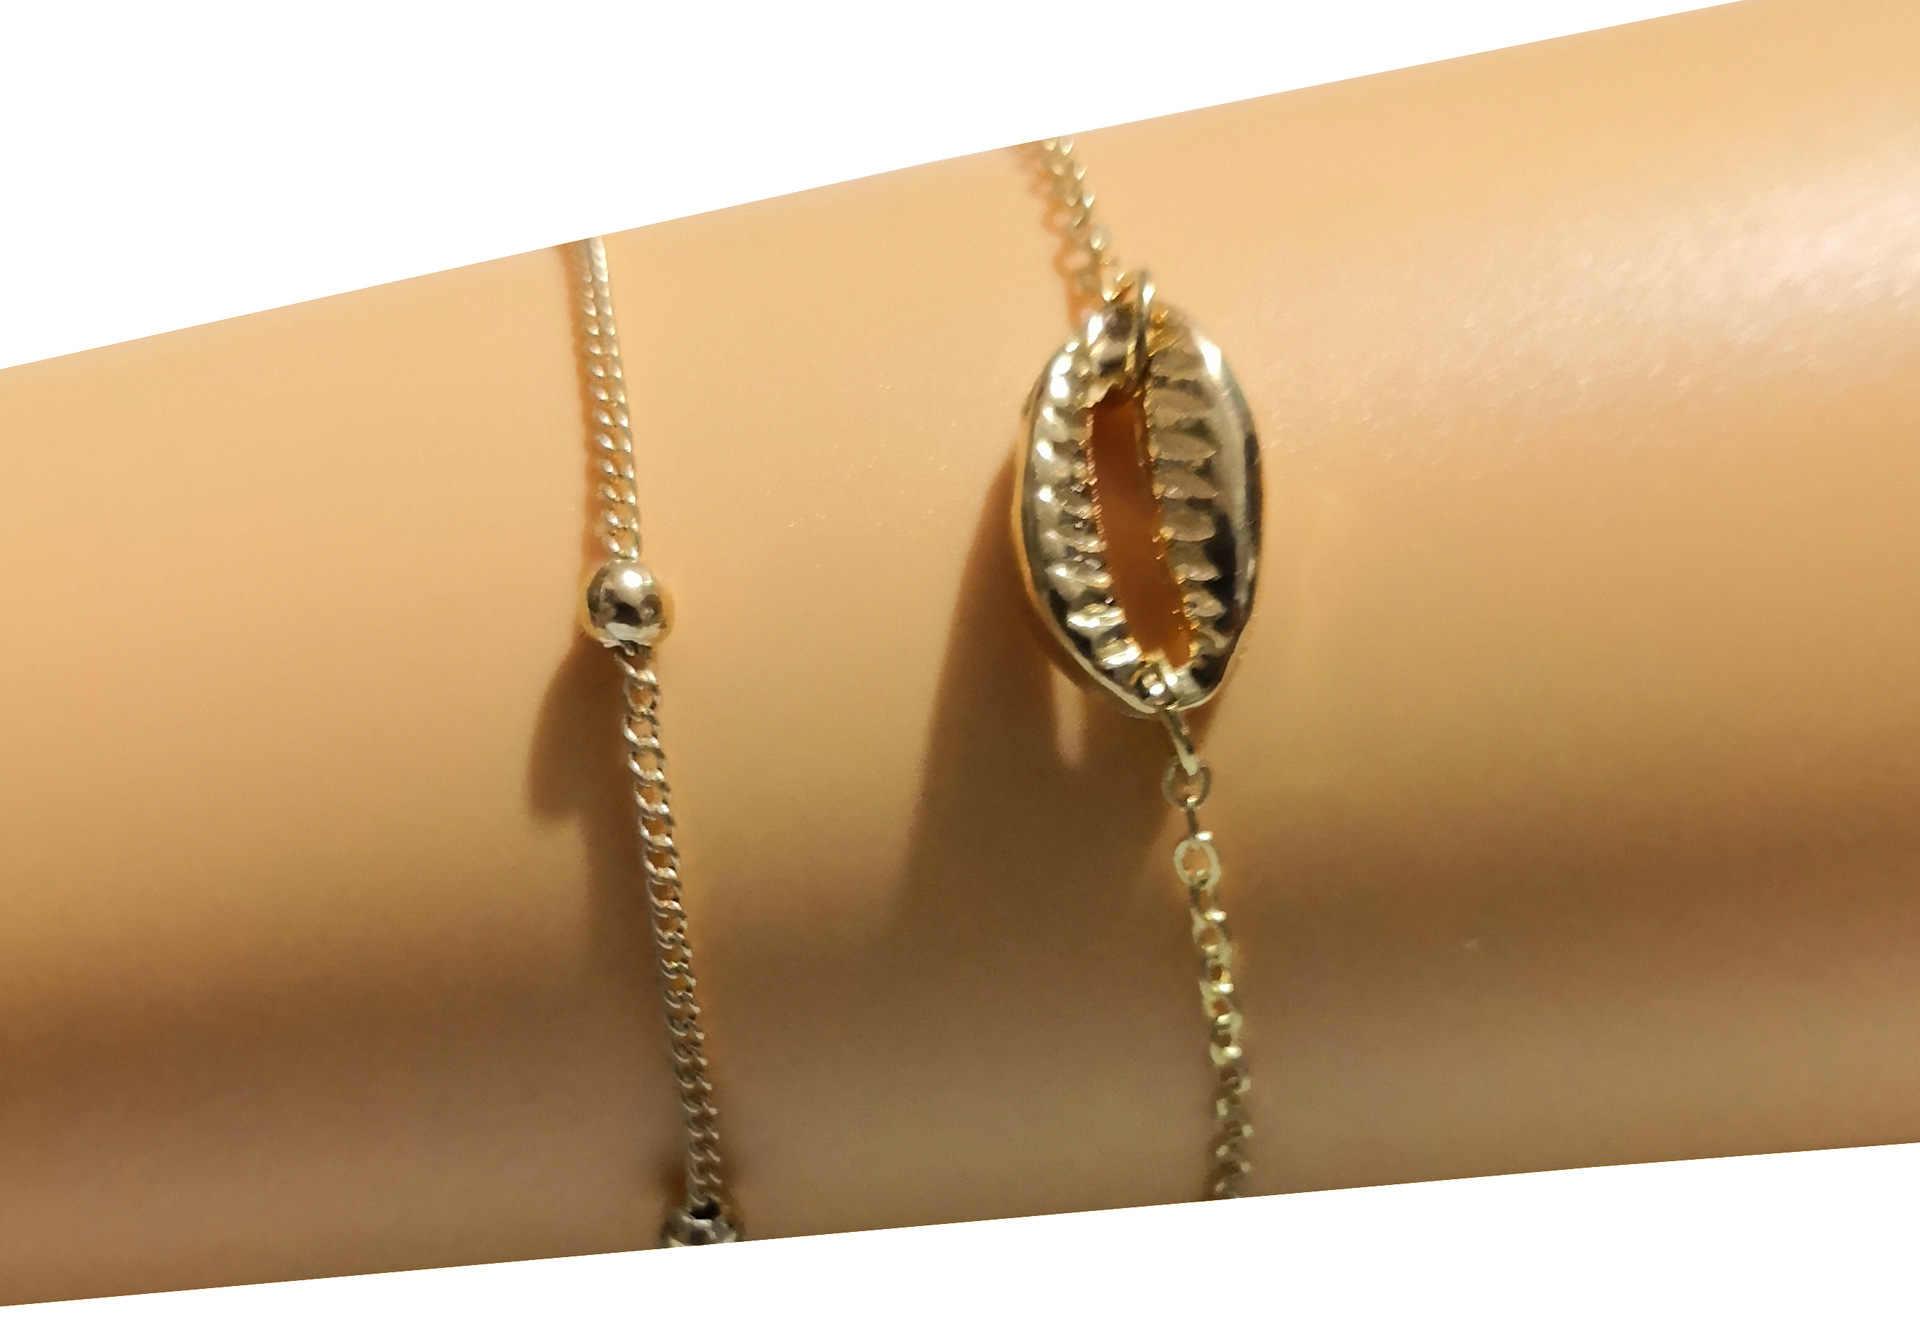 Czechy powłoki wielu-warstwy złoty srebrne koraliki cekiny 2 sztuk zestaw bransoletka dla kobiet biżuteria łańcuszek na kostkę na nogę akcesoria